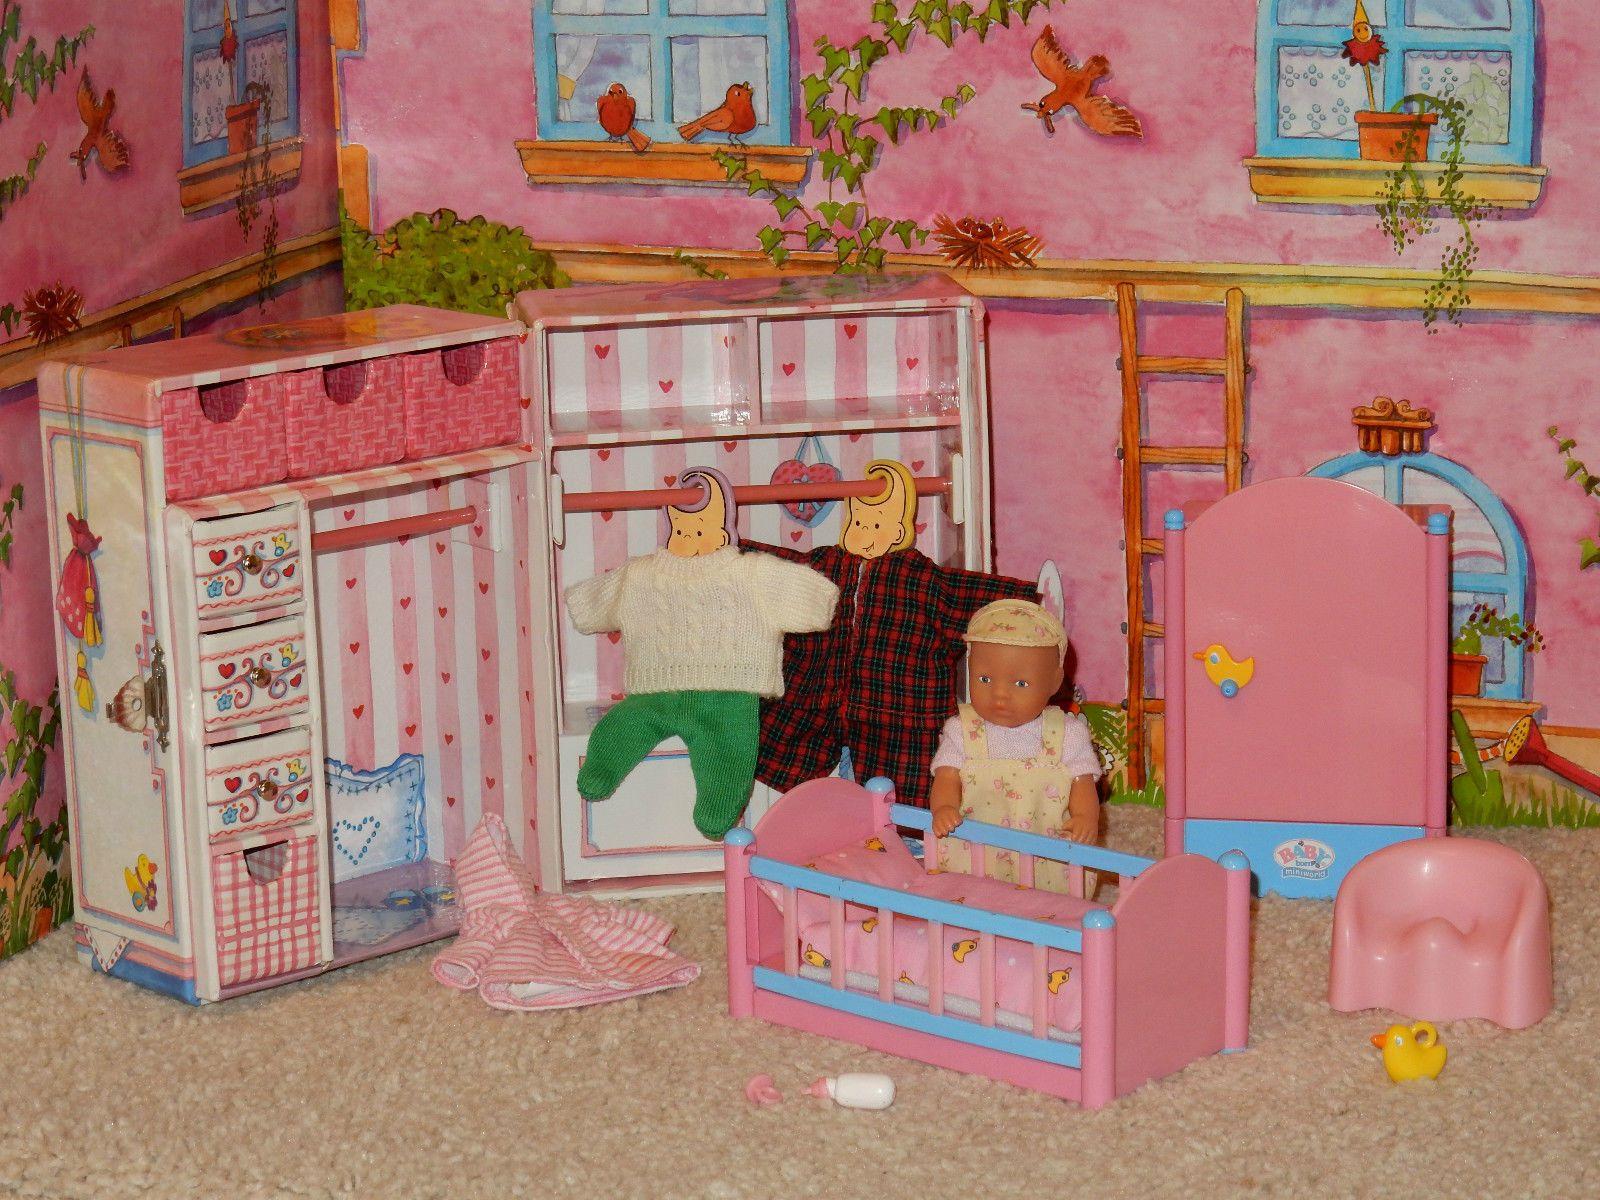 52, Zapf, Mini Baby Born Puppe, Schrank, Bett, Kleidung, Zubehör in ...